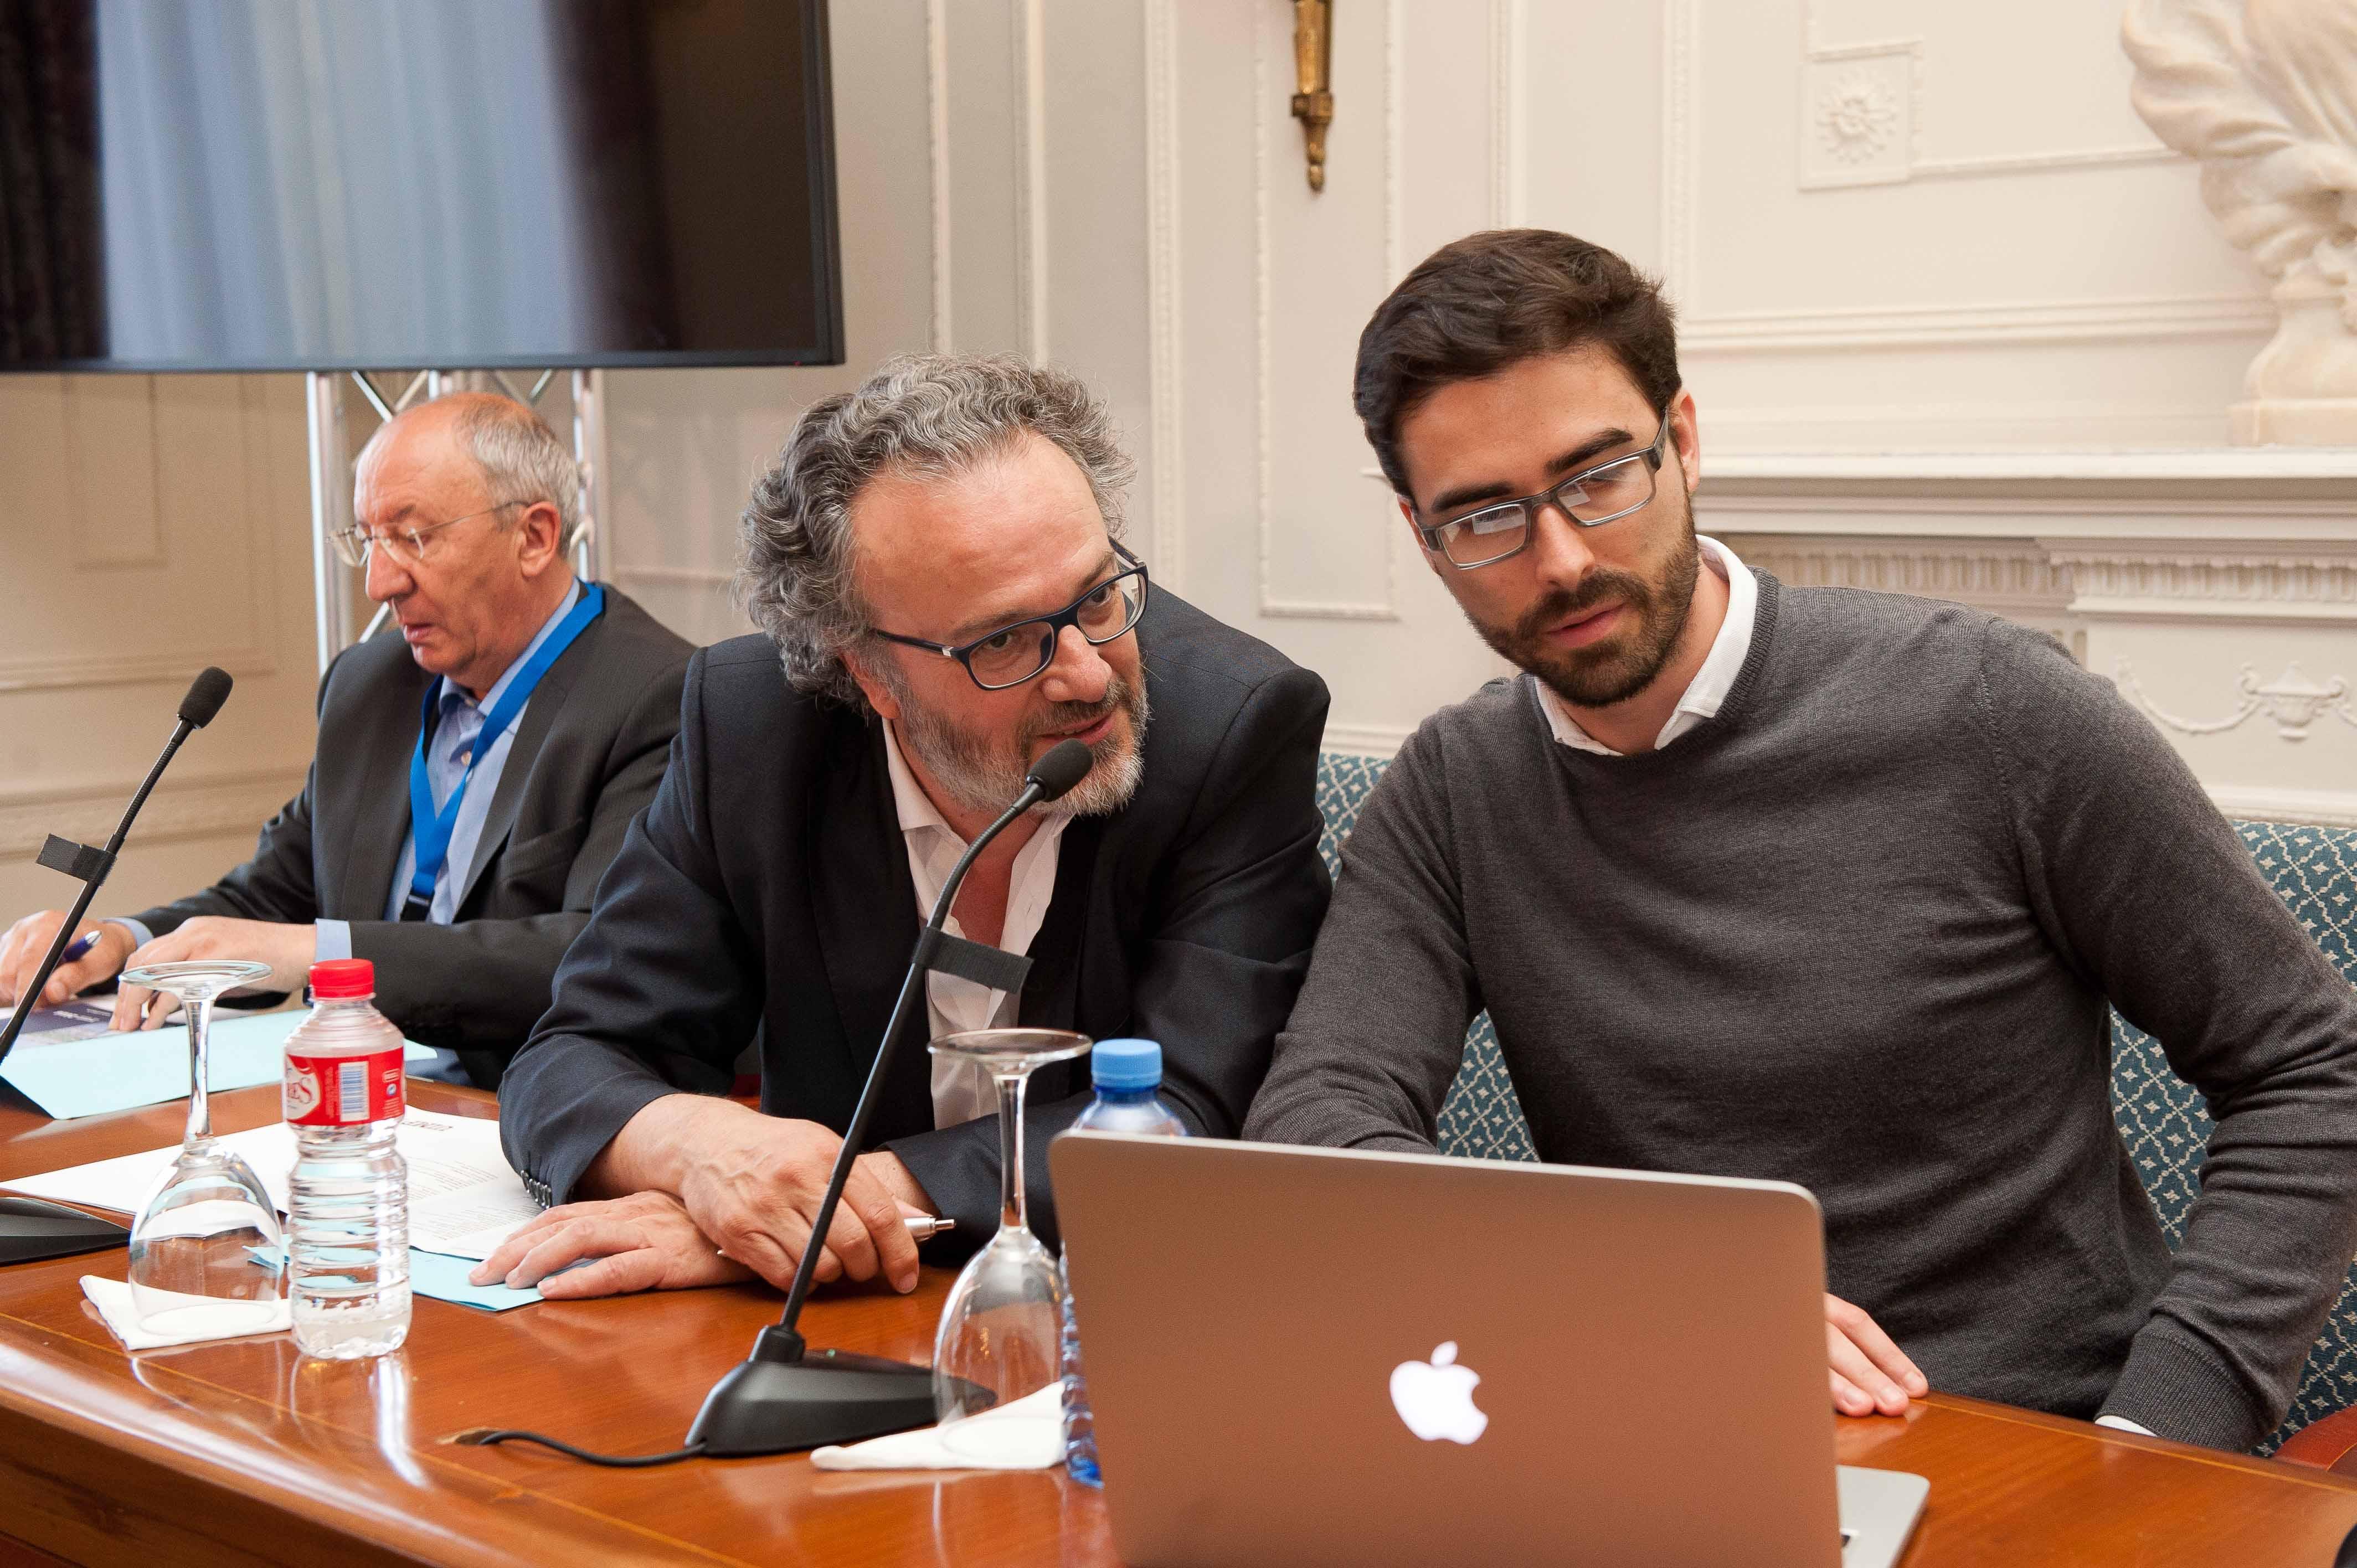 Carles Lloret, director general de Uber, durante su intervención en el curso de economía organizado por APIE en la Universidad Menéndez Pelayo de Santander. A su derecha, Miguel Ángel Noceda y Amancio Fernández, codirectores del grupo.